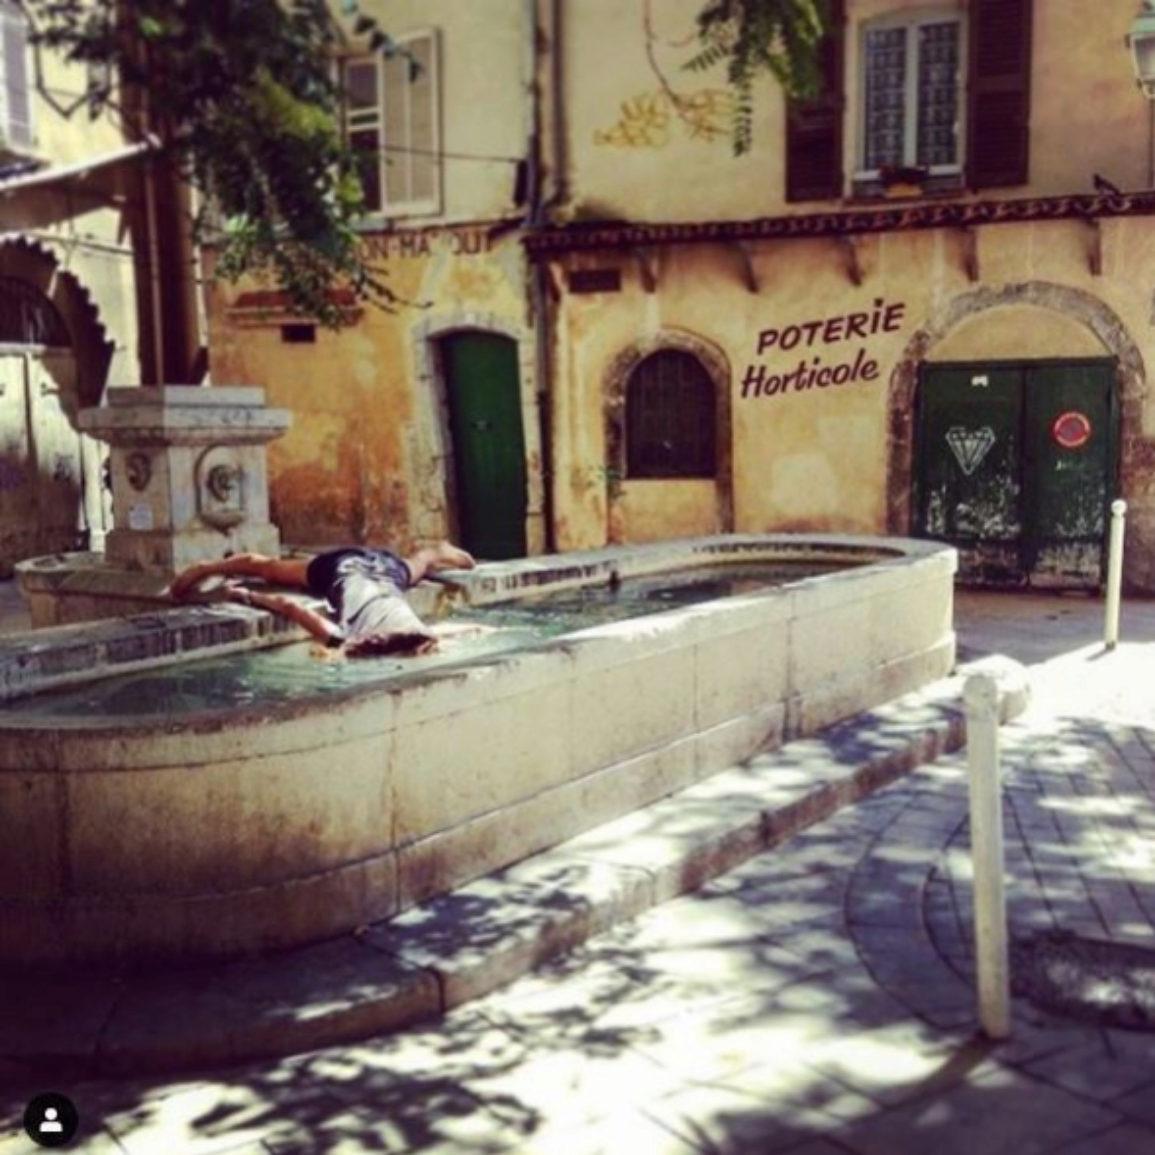 'Stef muere en una fuente corsa'. Córcega, Francia.